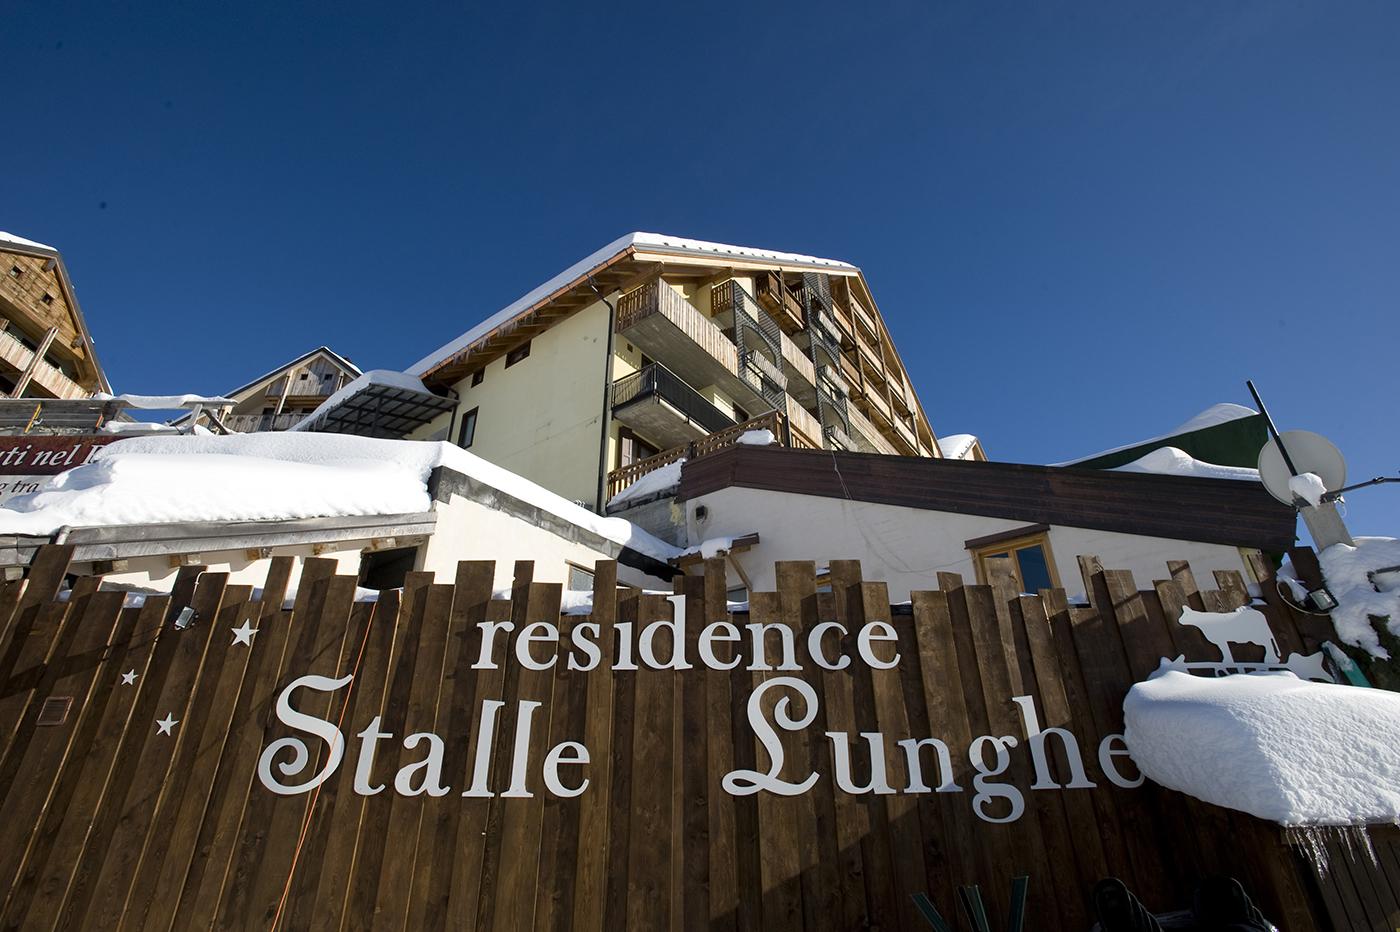 Borgostallelunghe_residence5